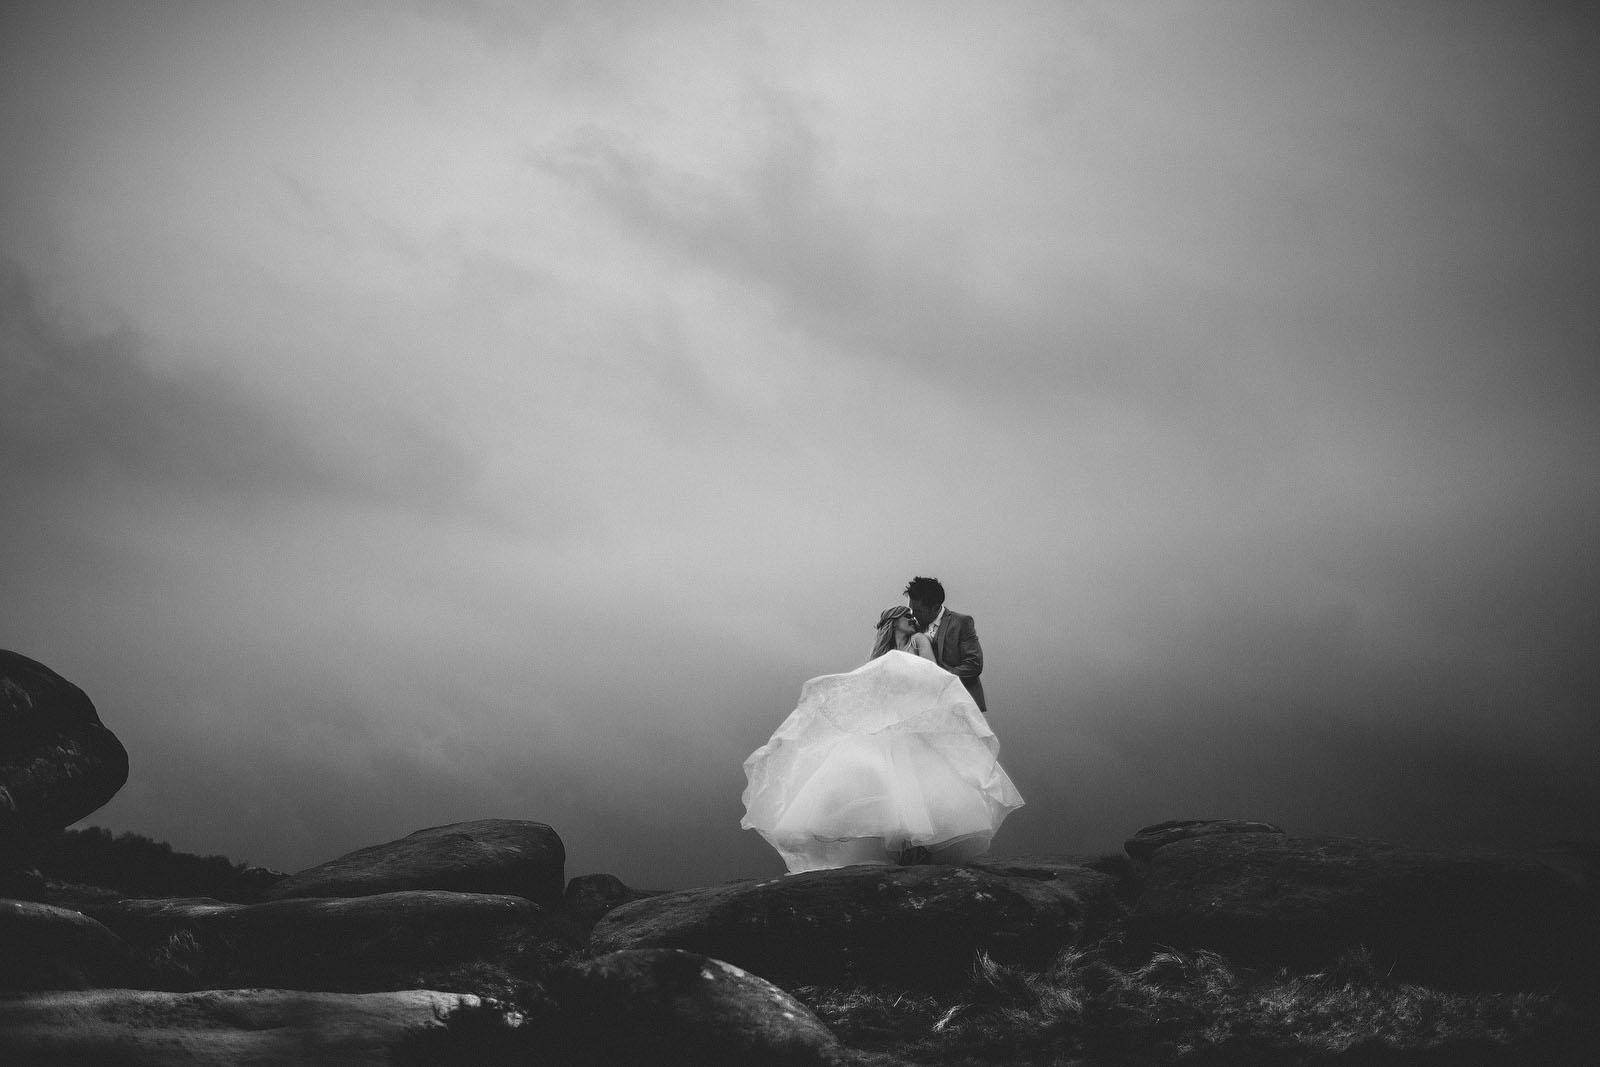 suzanne neville wedding dress photos1